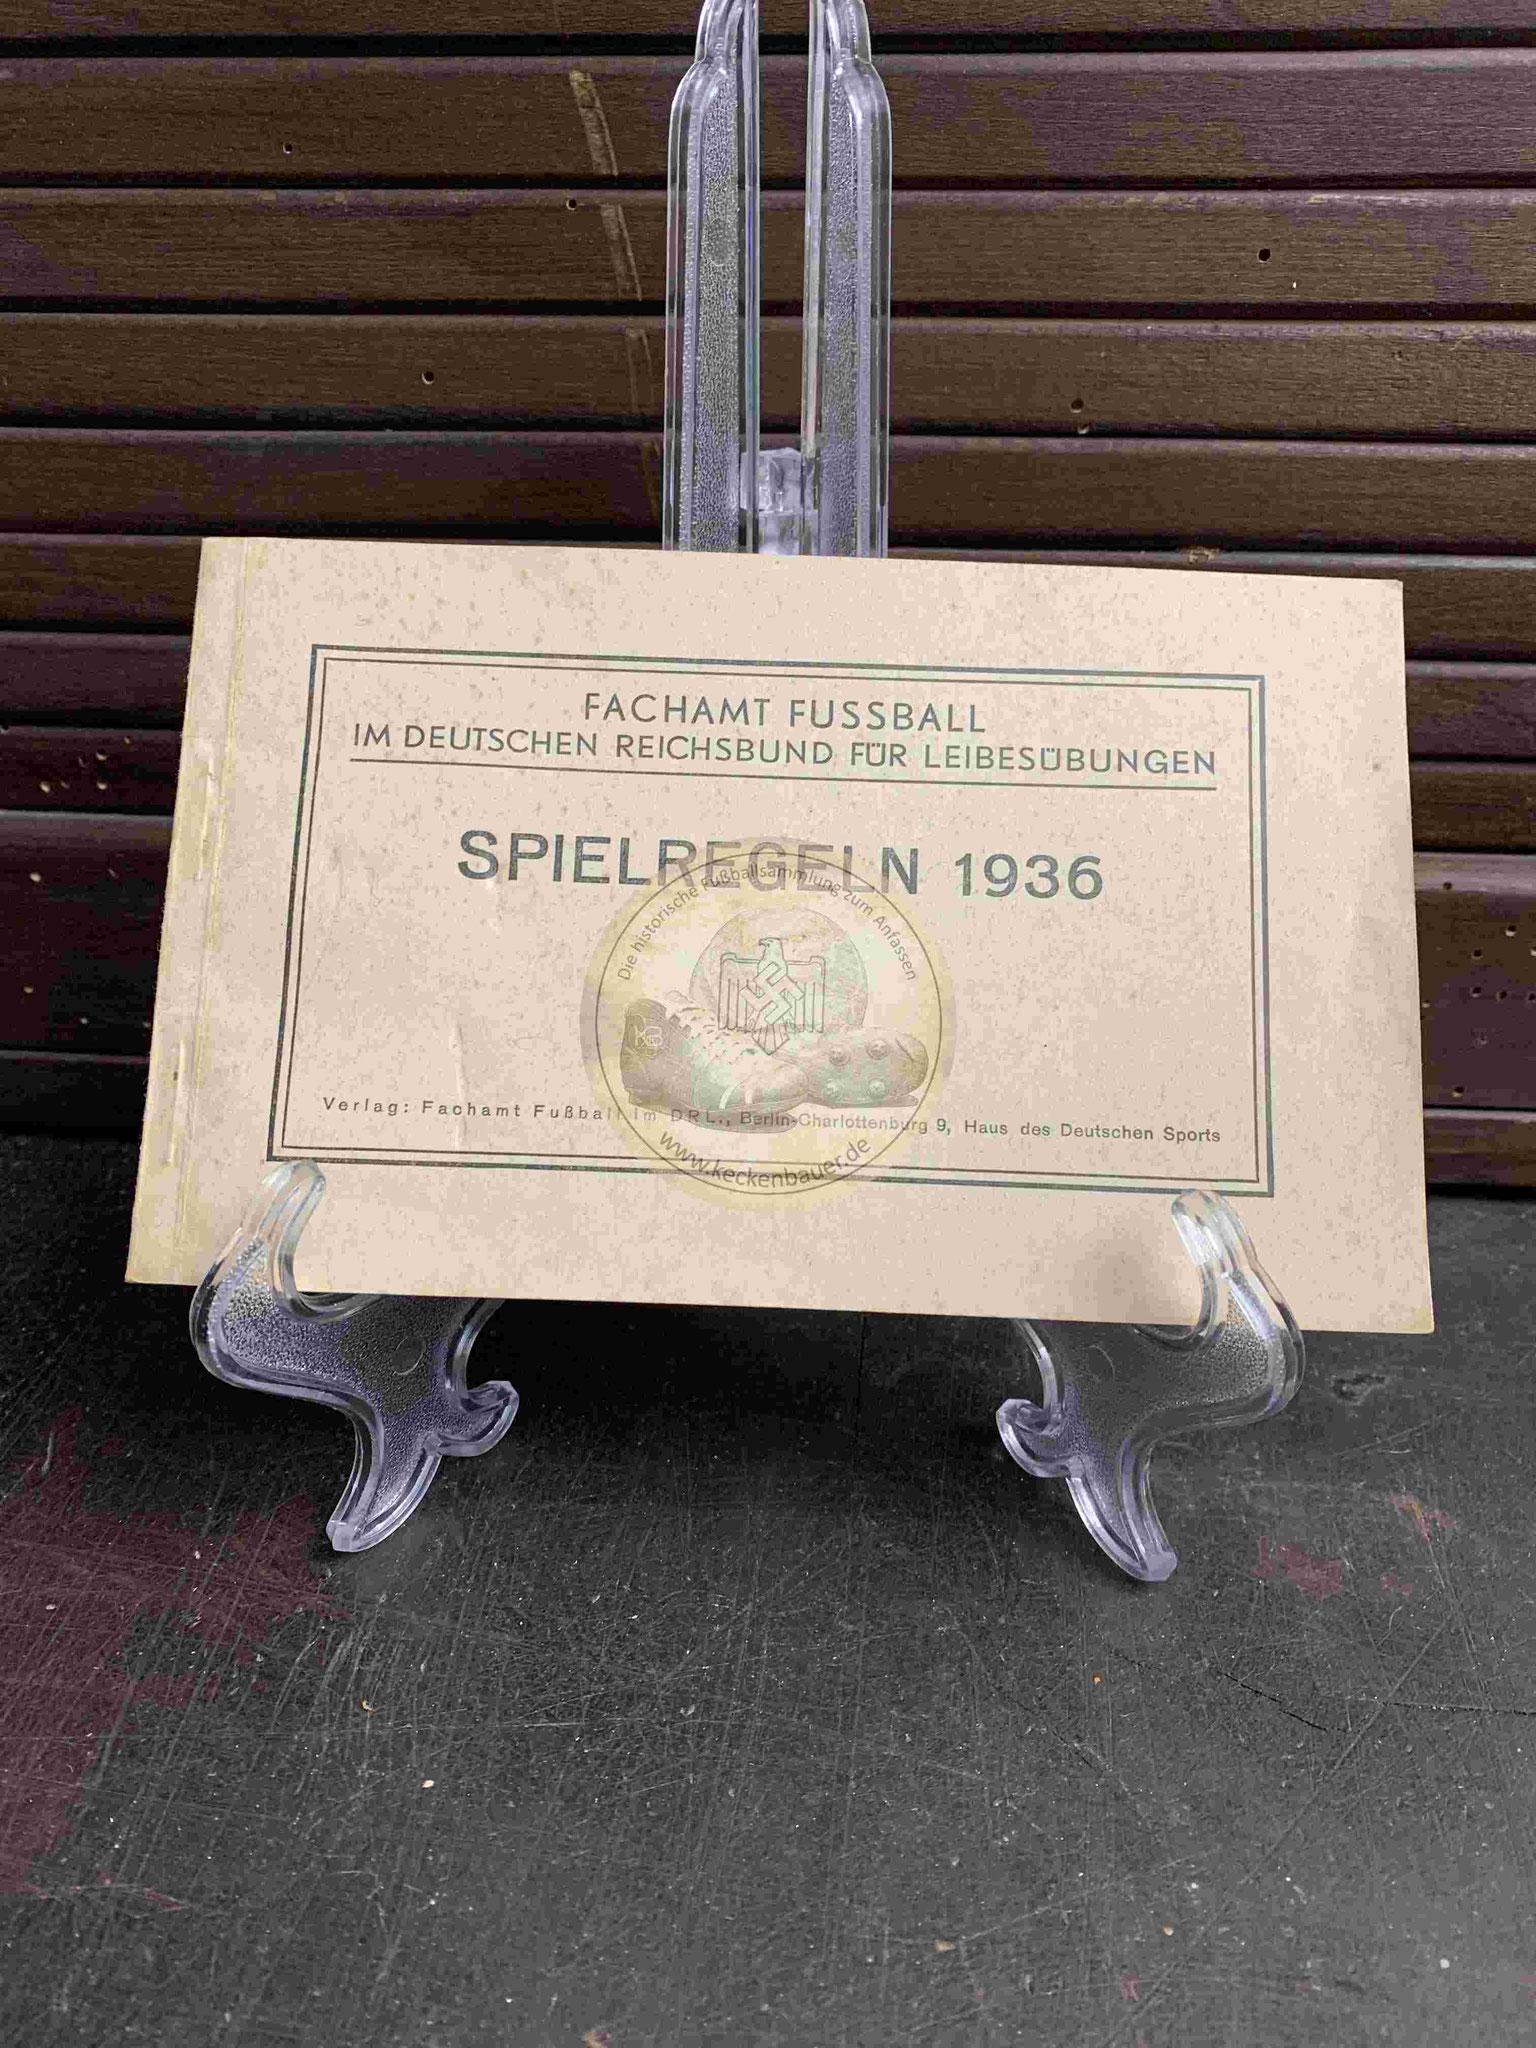 Fußballregeln des DFB aus dem Jahr 1936